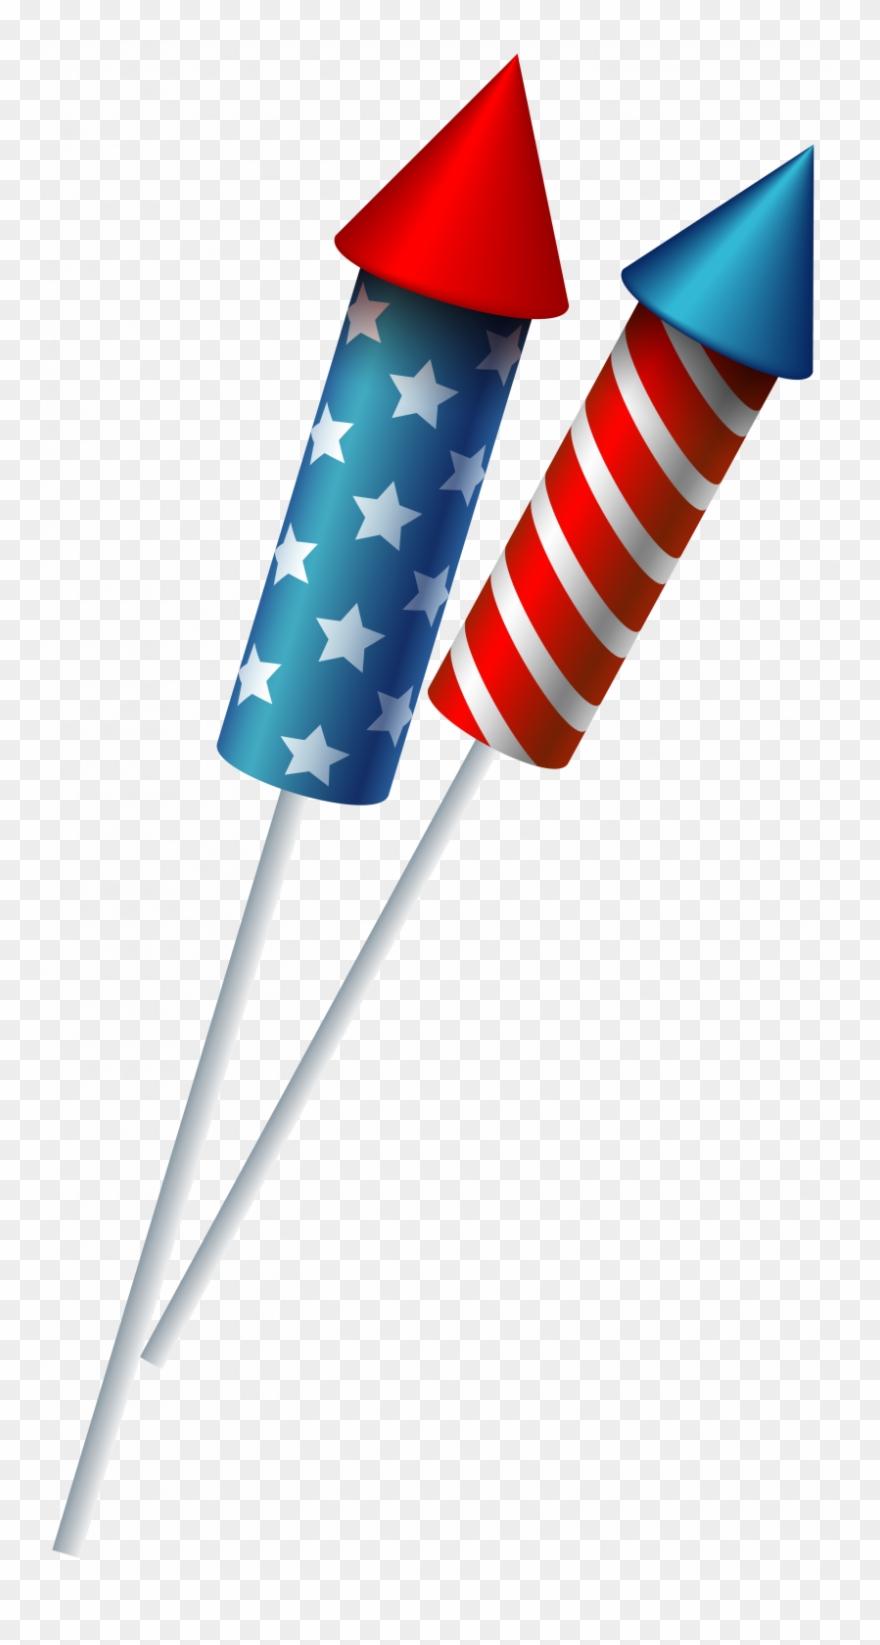 clipart fireworks firecracker